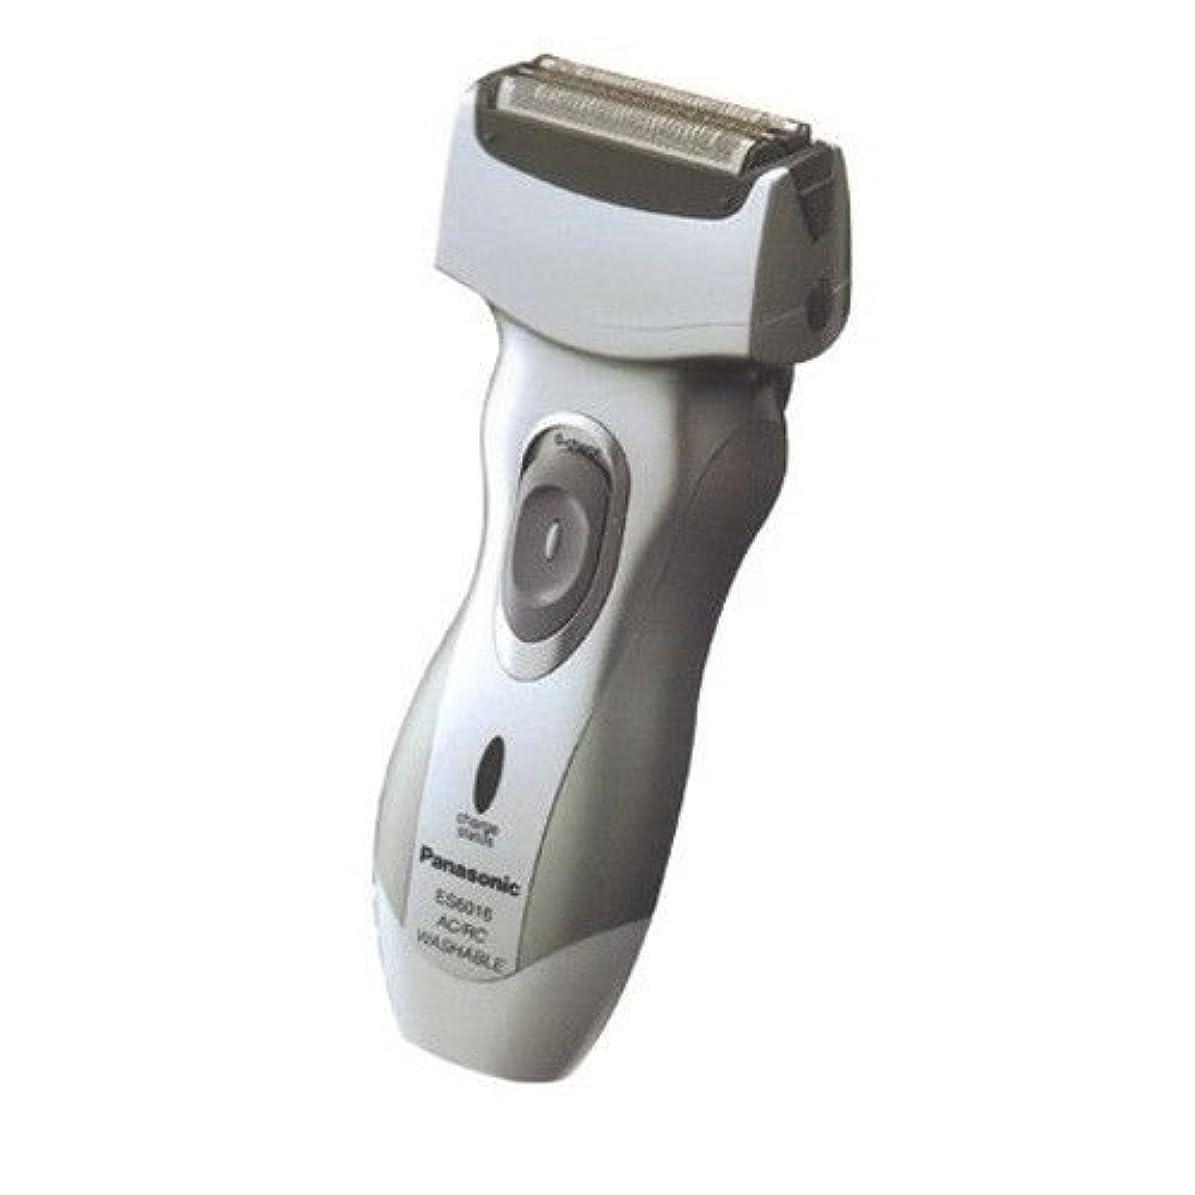 合意もっと可決Panasonic ES6016 電気シェーバーかみそり男性トリマークリッパー ES-6016 と [並行輸入品]